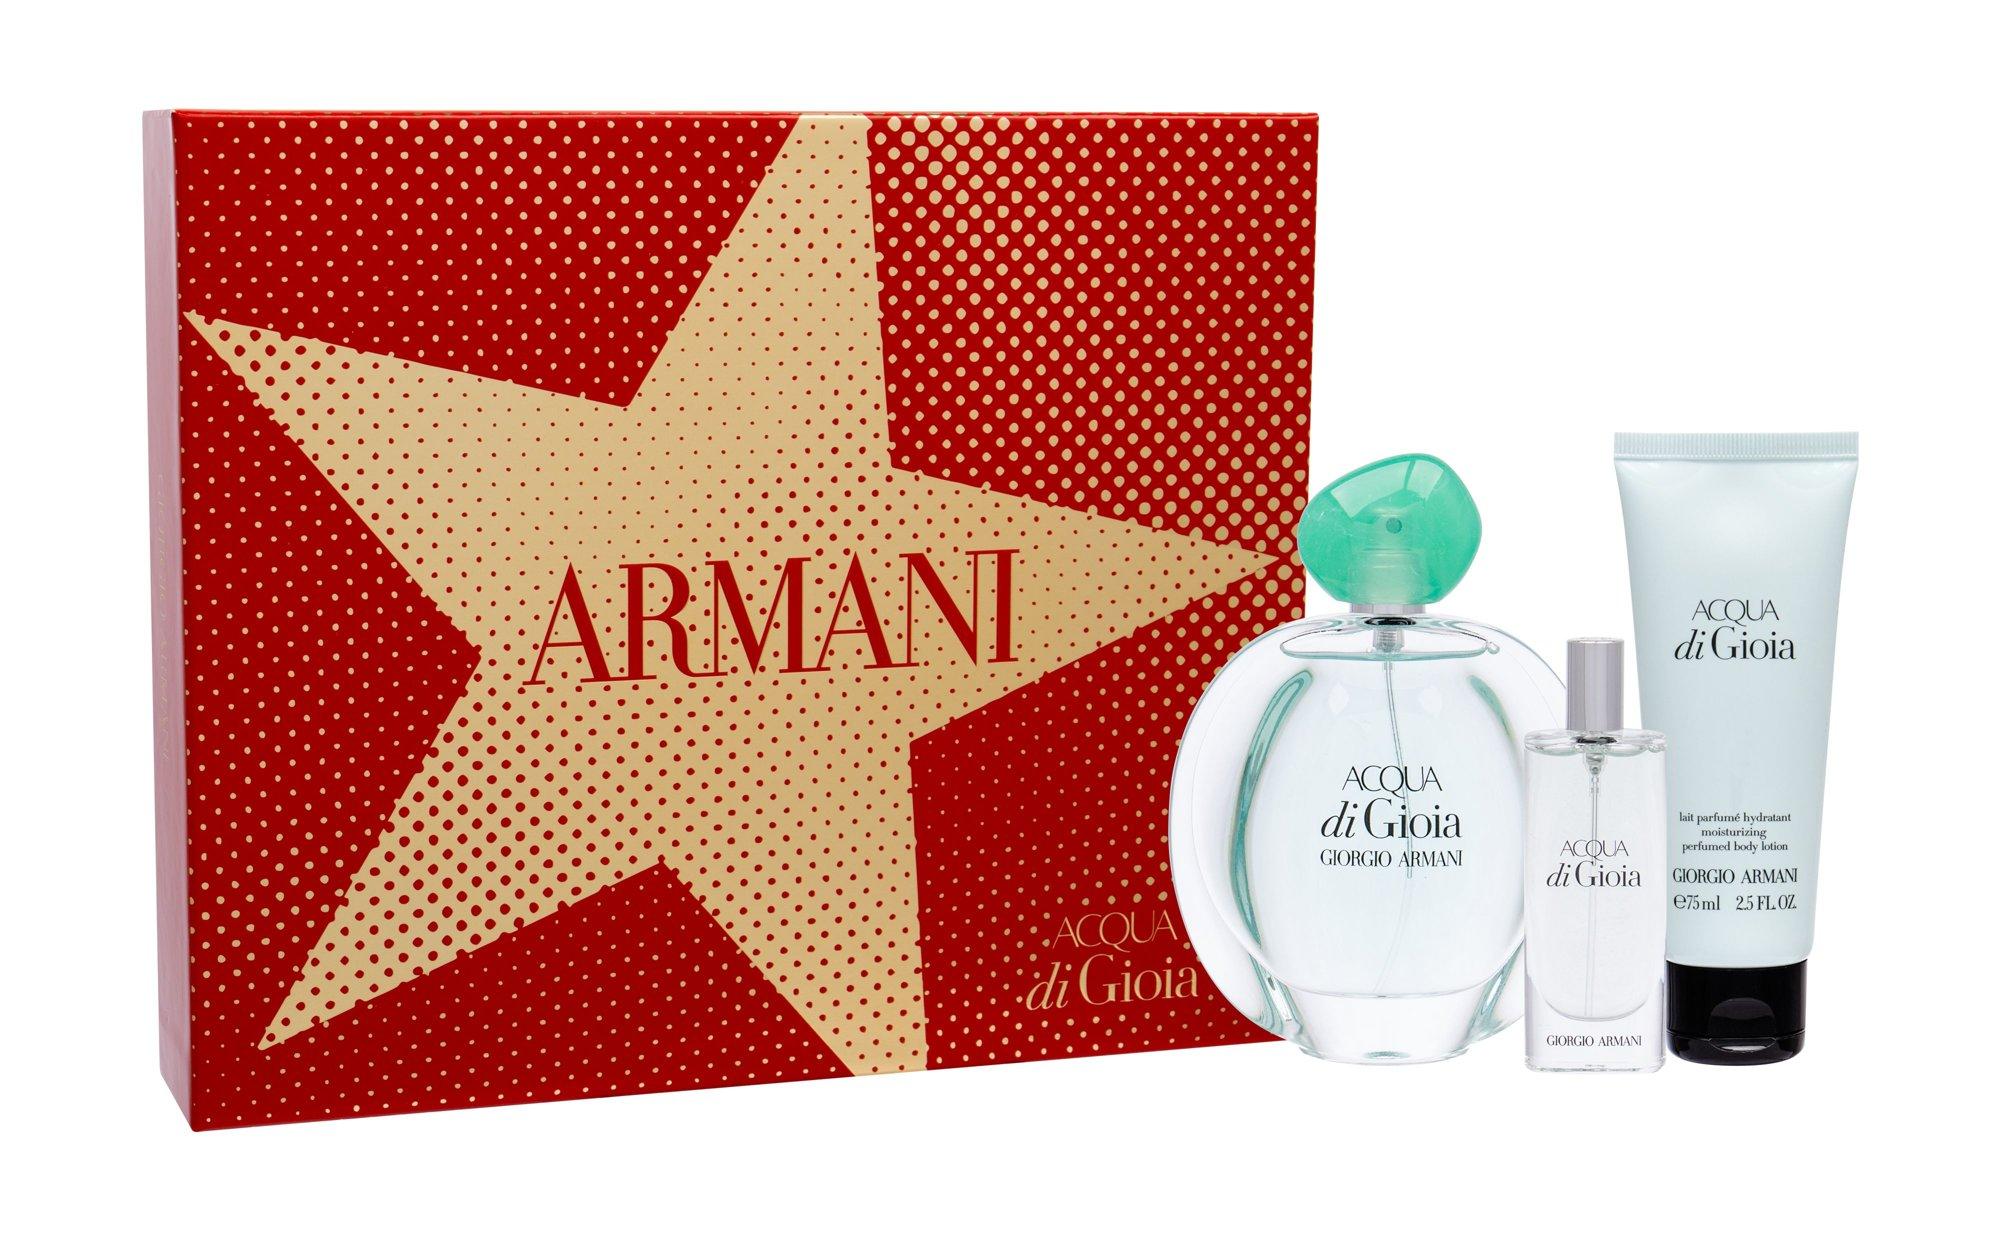 Giorgio Armani Acqua di Gioia - parfémová voda 100 ml + tělové mléko 75 ml + parfémová voda 15 ml W Objem: 100 ml